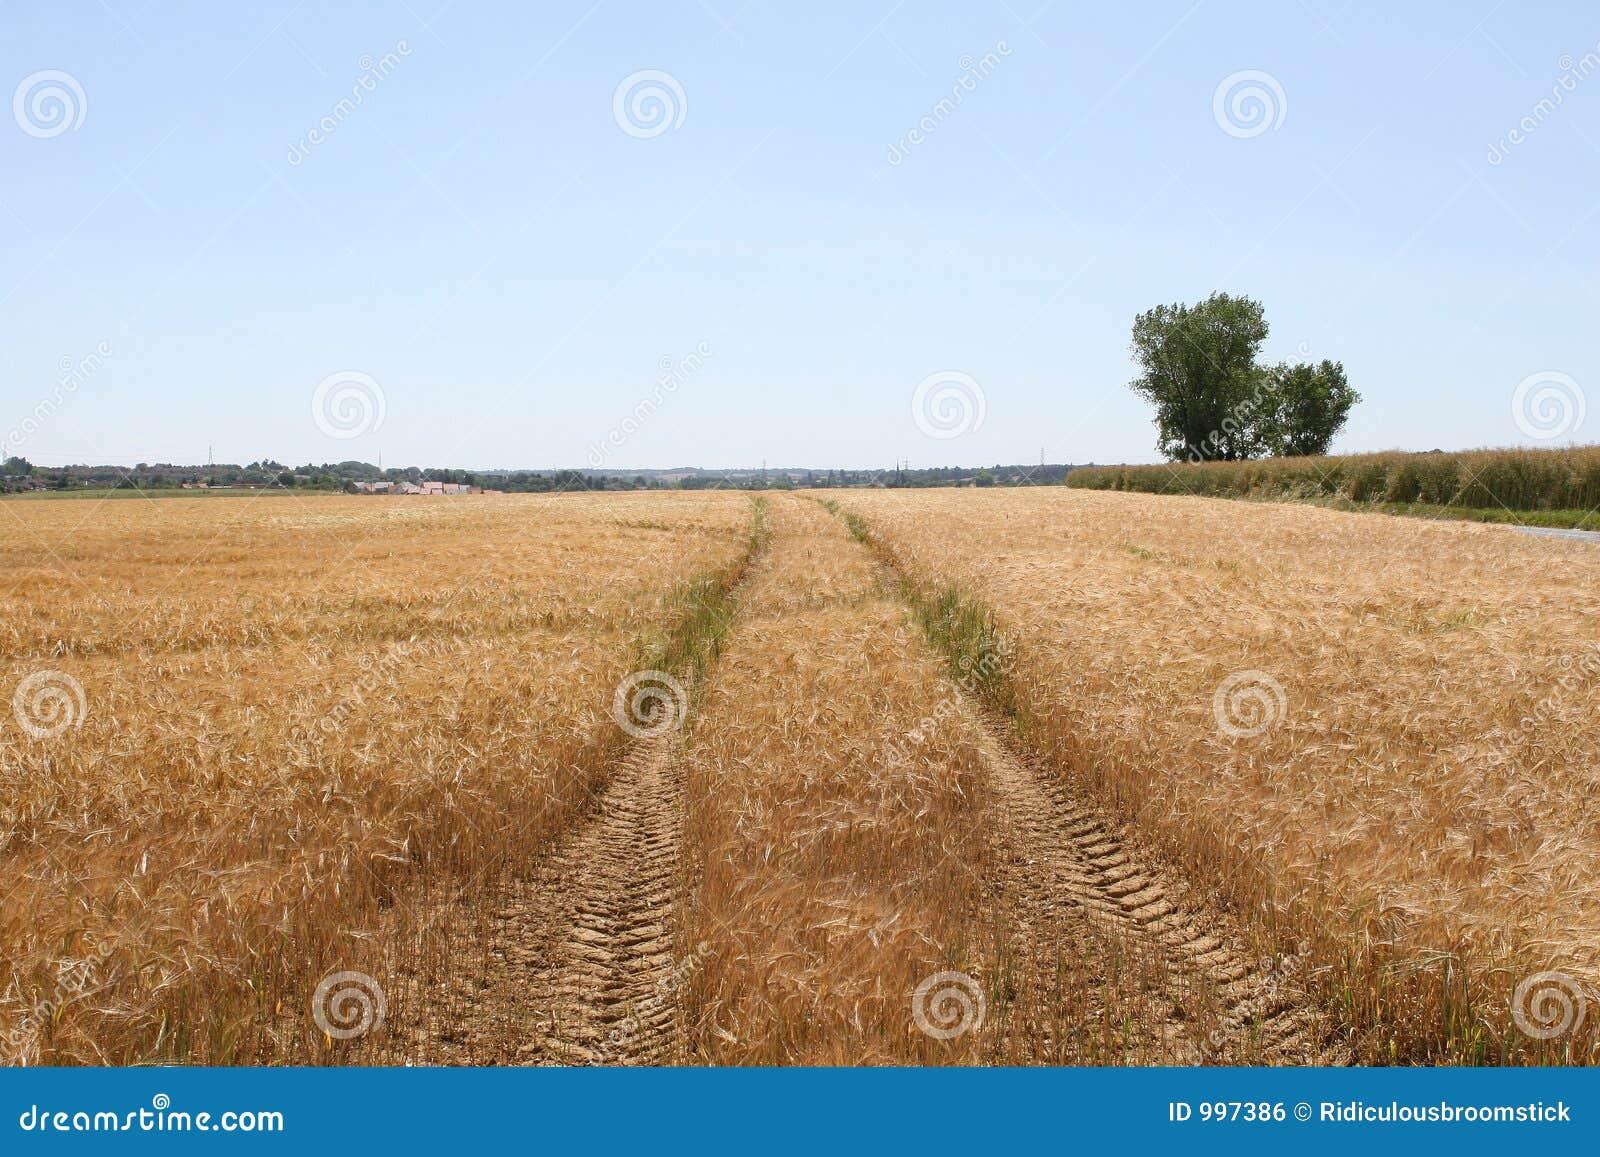 Fältet spåriner traktortrailorvete